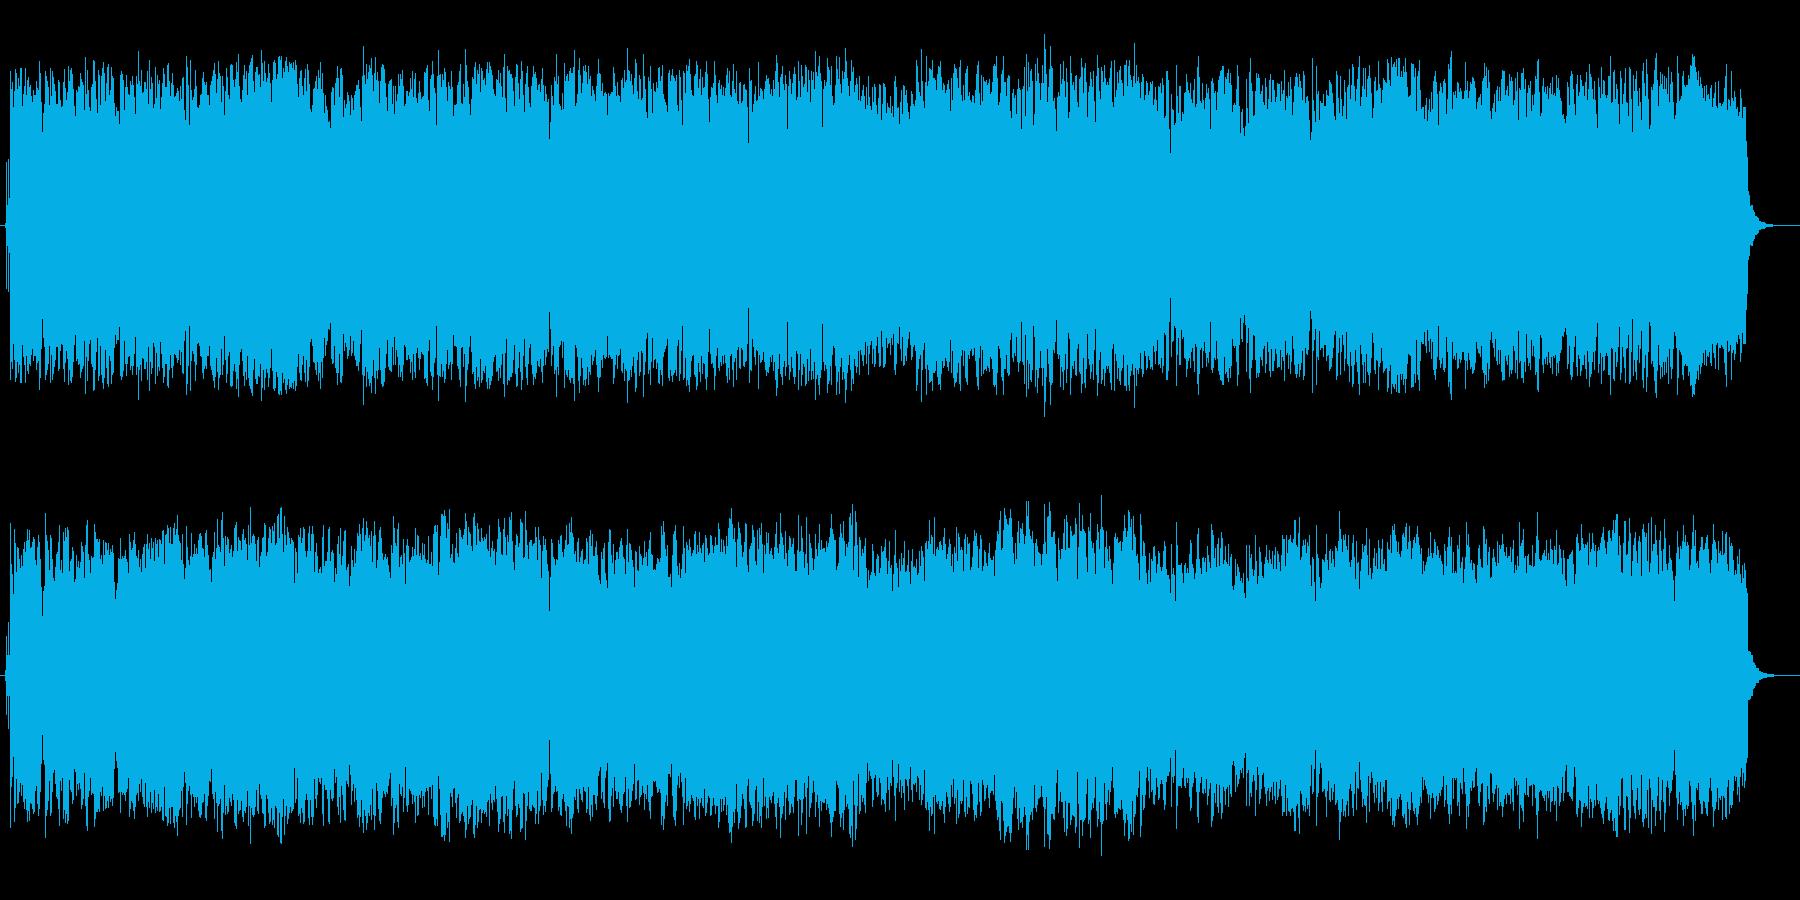 荘厳な雰囲気のストリングスポップスの再生済みの波形